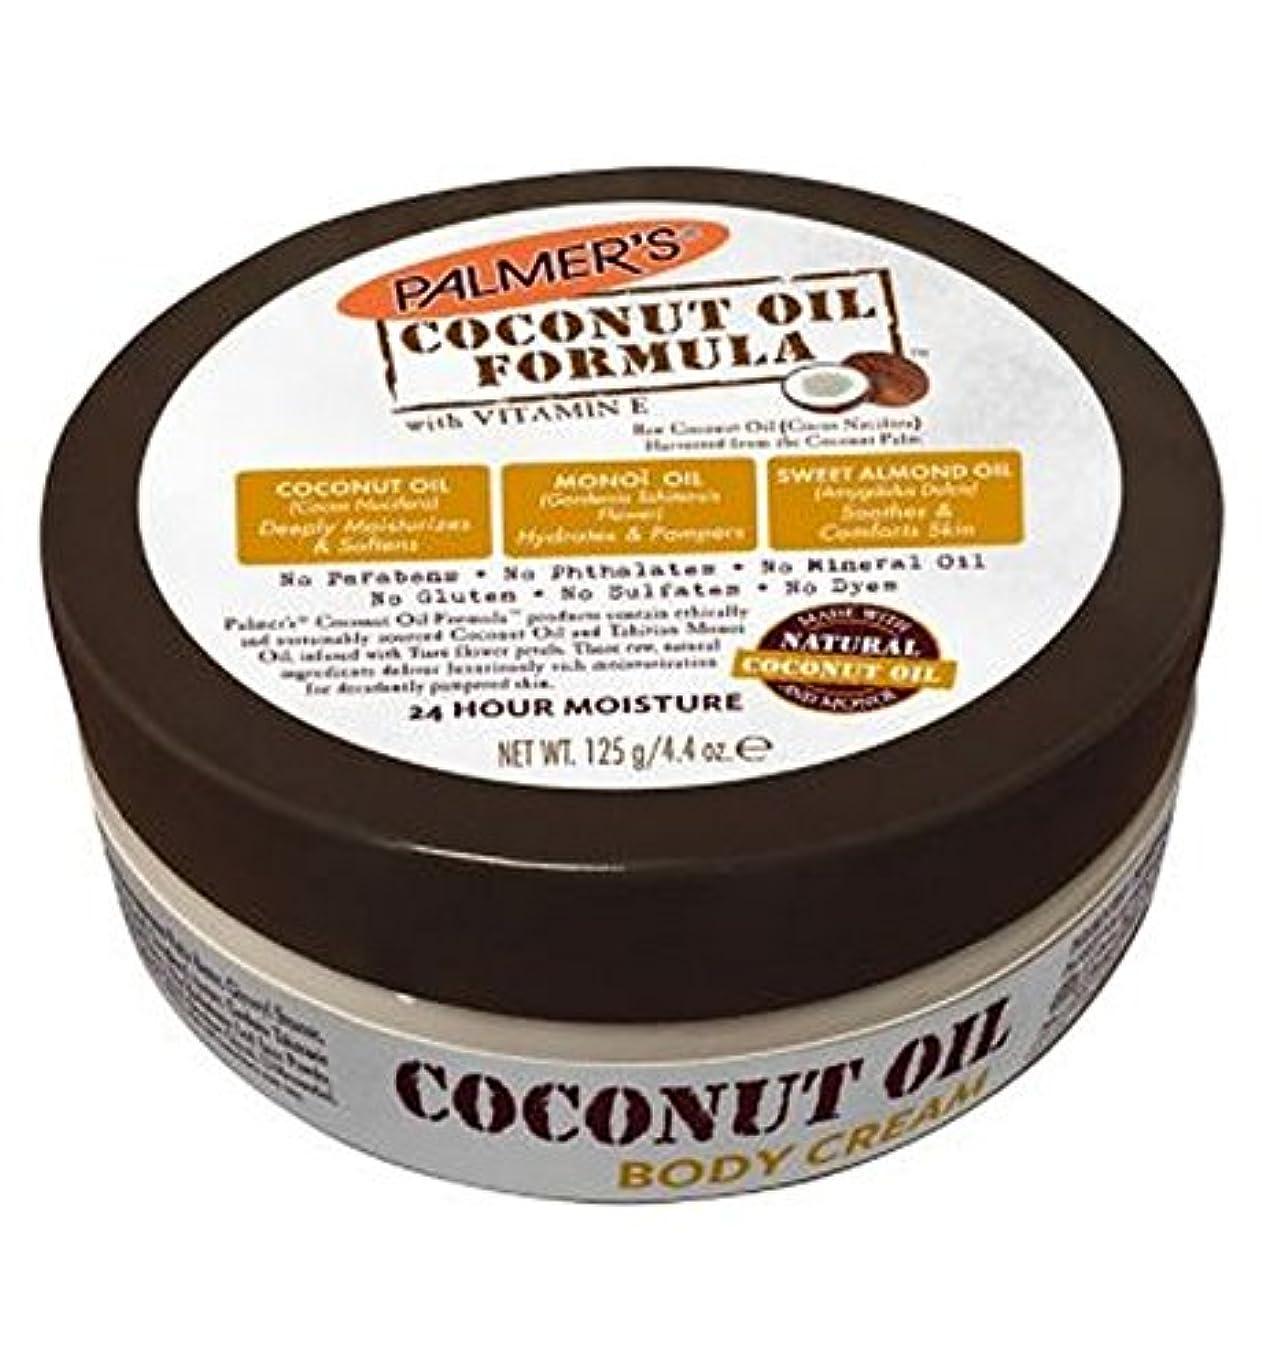 句読点スパイラルブレースパーマーのヤシ油式ボディクリーム125グラム (Palmer's) (x2) - Palmer's Coconut Oil Formula Body Cream 125g (Pack of 2) [並行輸入品]